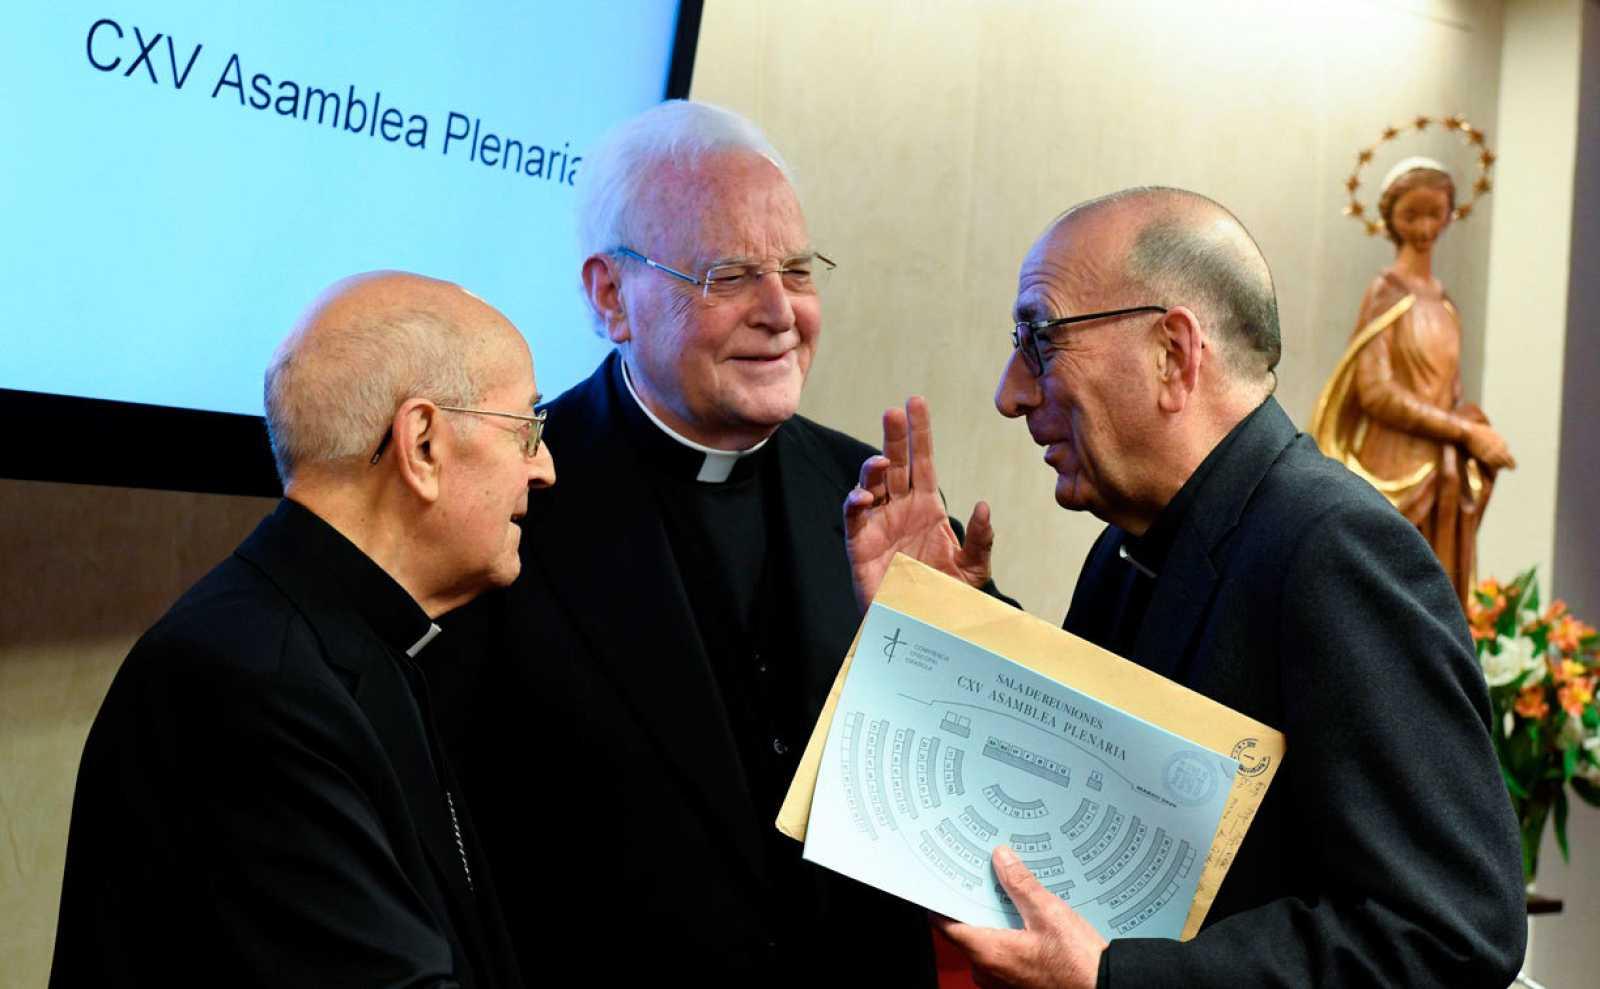 El presidente de la Conferencia Episcopal Española (CEE), Ricardo Blázquez (i) conversa con el cardenal Juan José Omella (d) durante la inauguración de la Asamblea Plenaria para elegir sucesor que se celebra este lunes en Madrid.